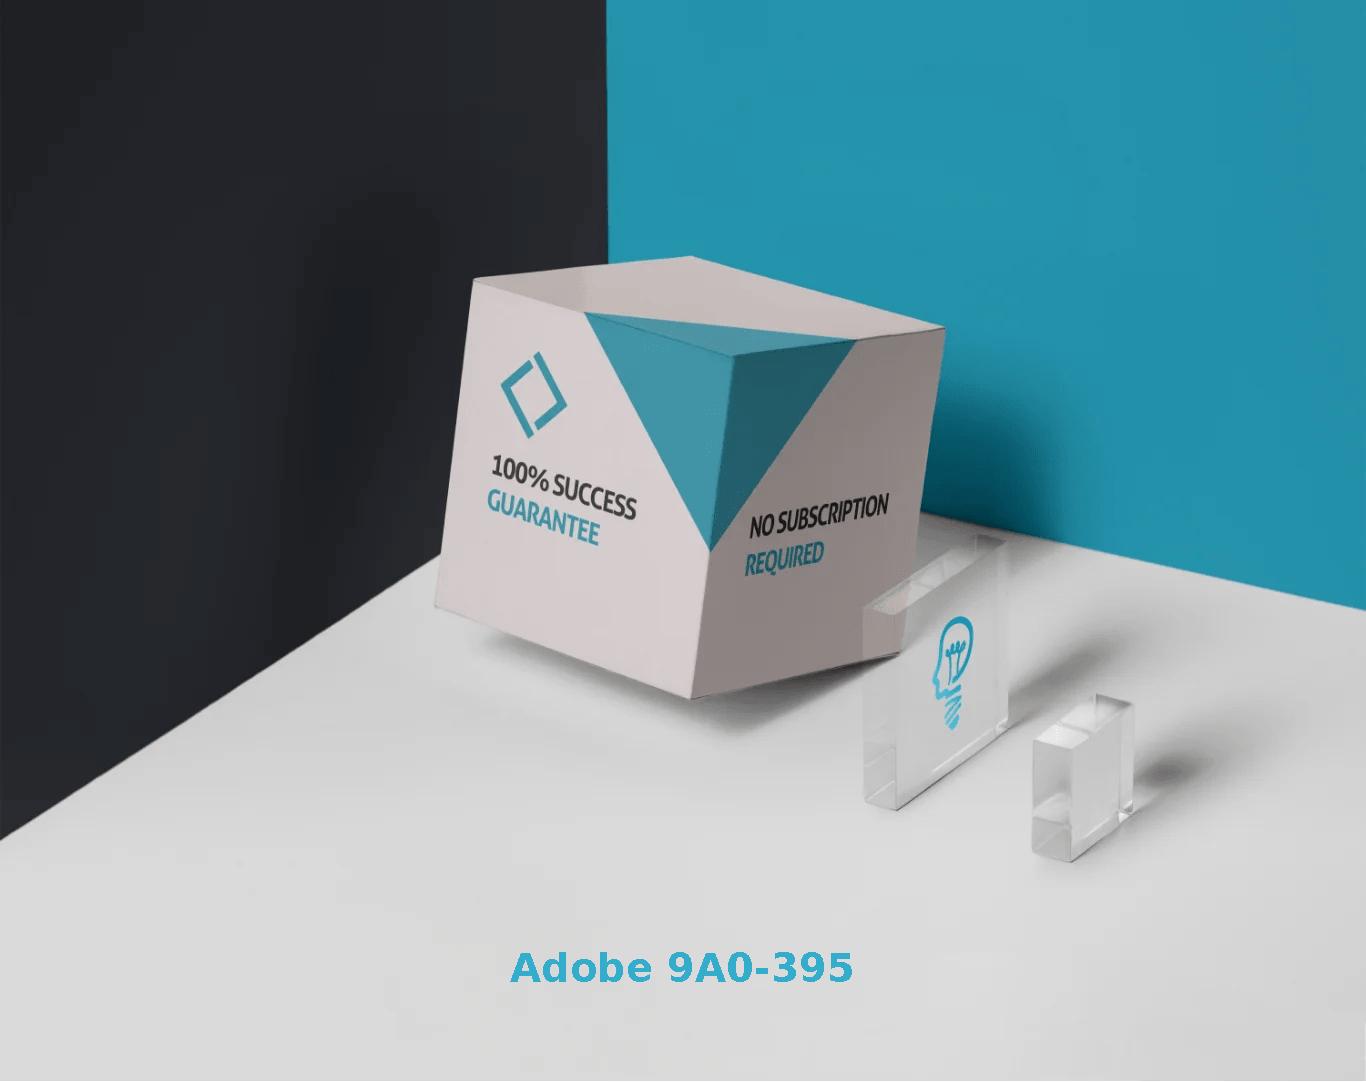 Adobe 9A0-395 Exams